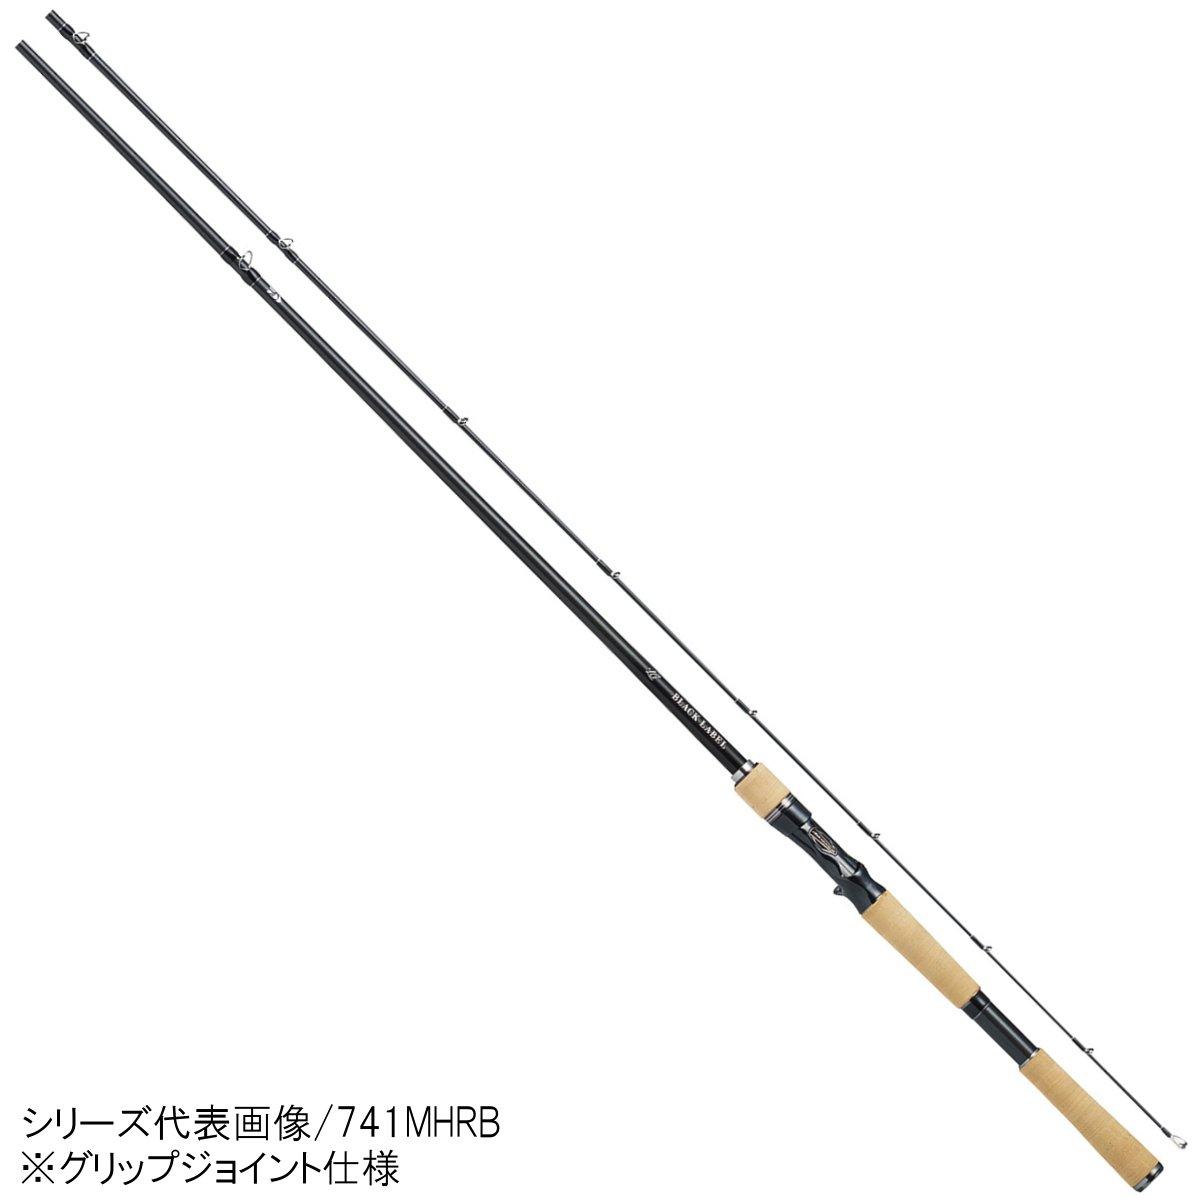 ダイワ ブラックレーベル LG(ベイトキャスティングモデル) 731ML+FB【大型商品】